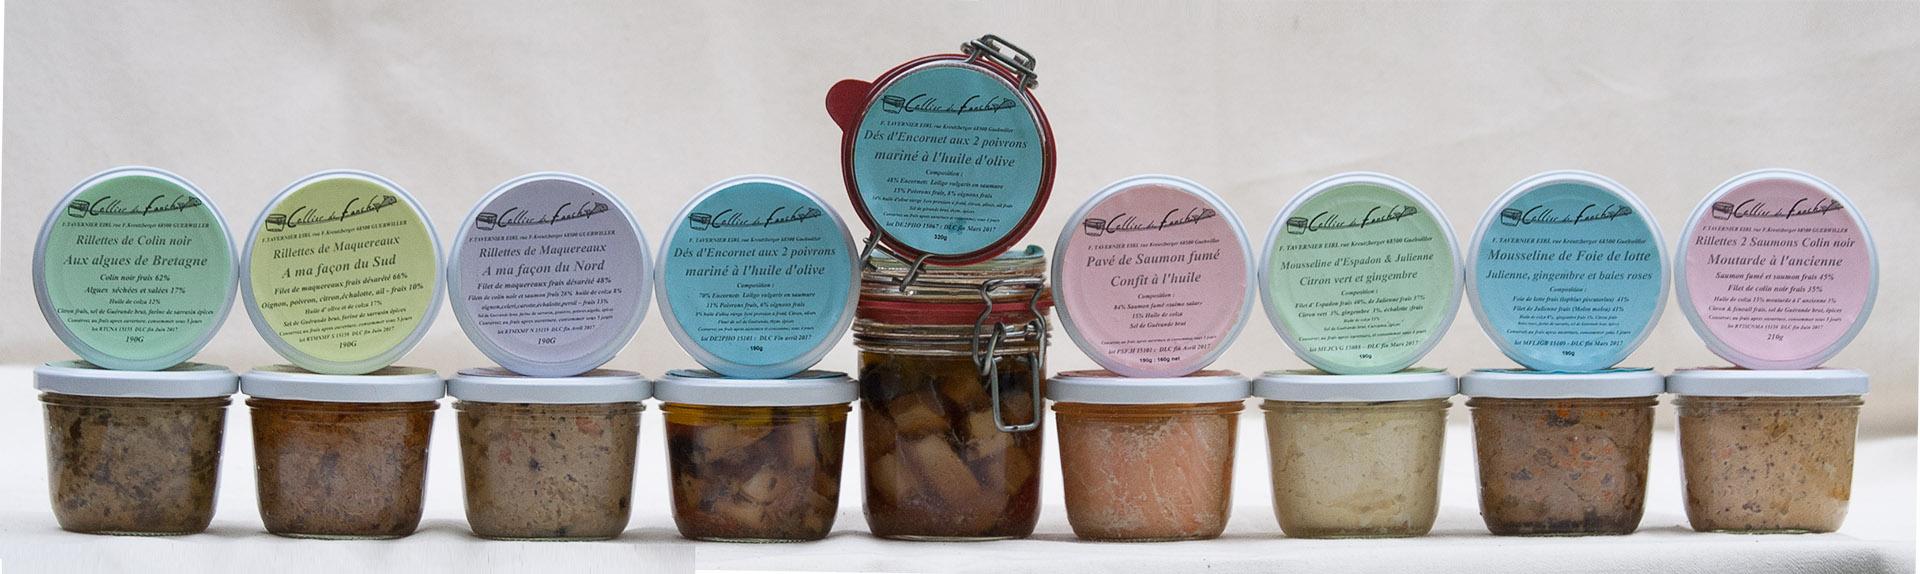 Photo 1 des produits cuisinés